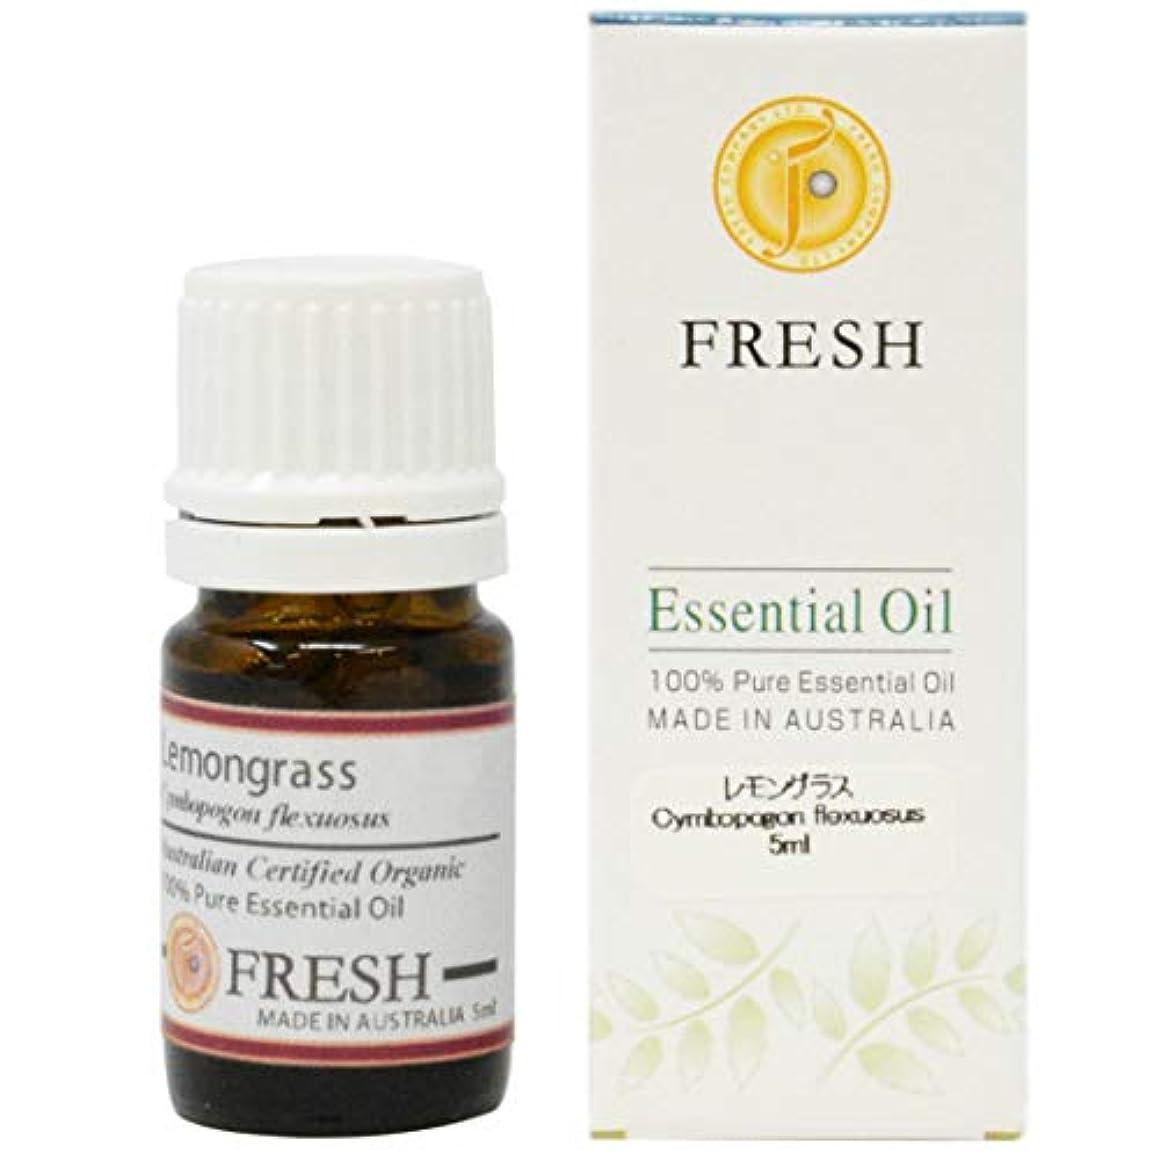 マングル困惑する傾向FRESH オーガニック エッセンシャルオイル レモングラス 5ml (FRESH 精油)